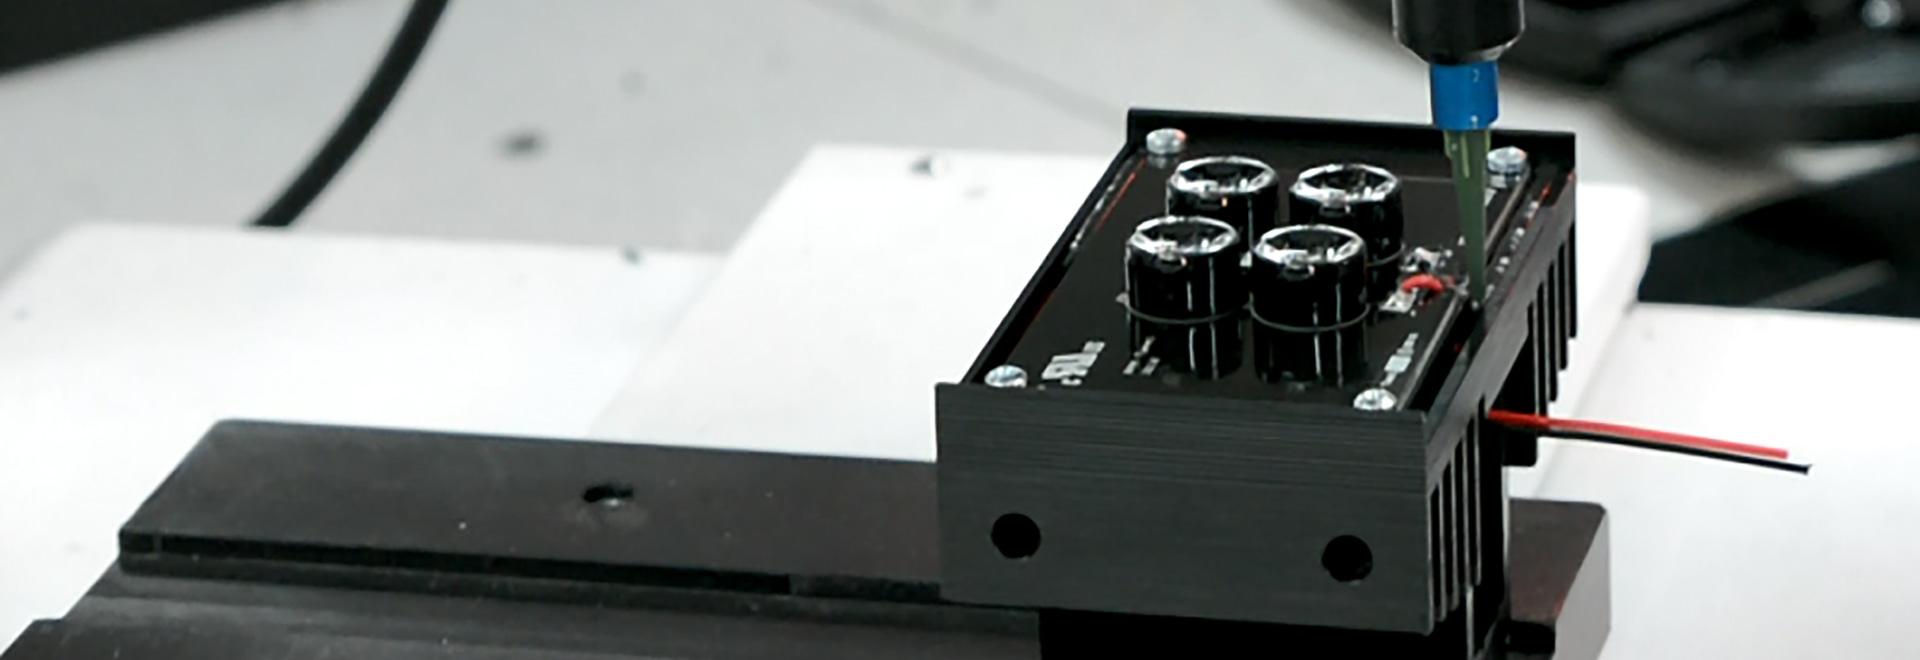 Iluminator-Wohnungsproduktion an GJD mit einem preeflow System.